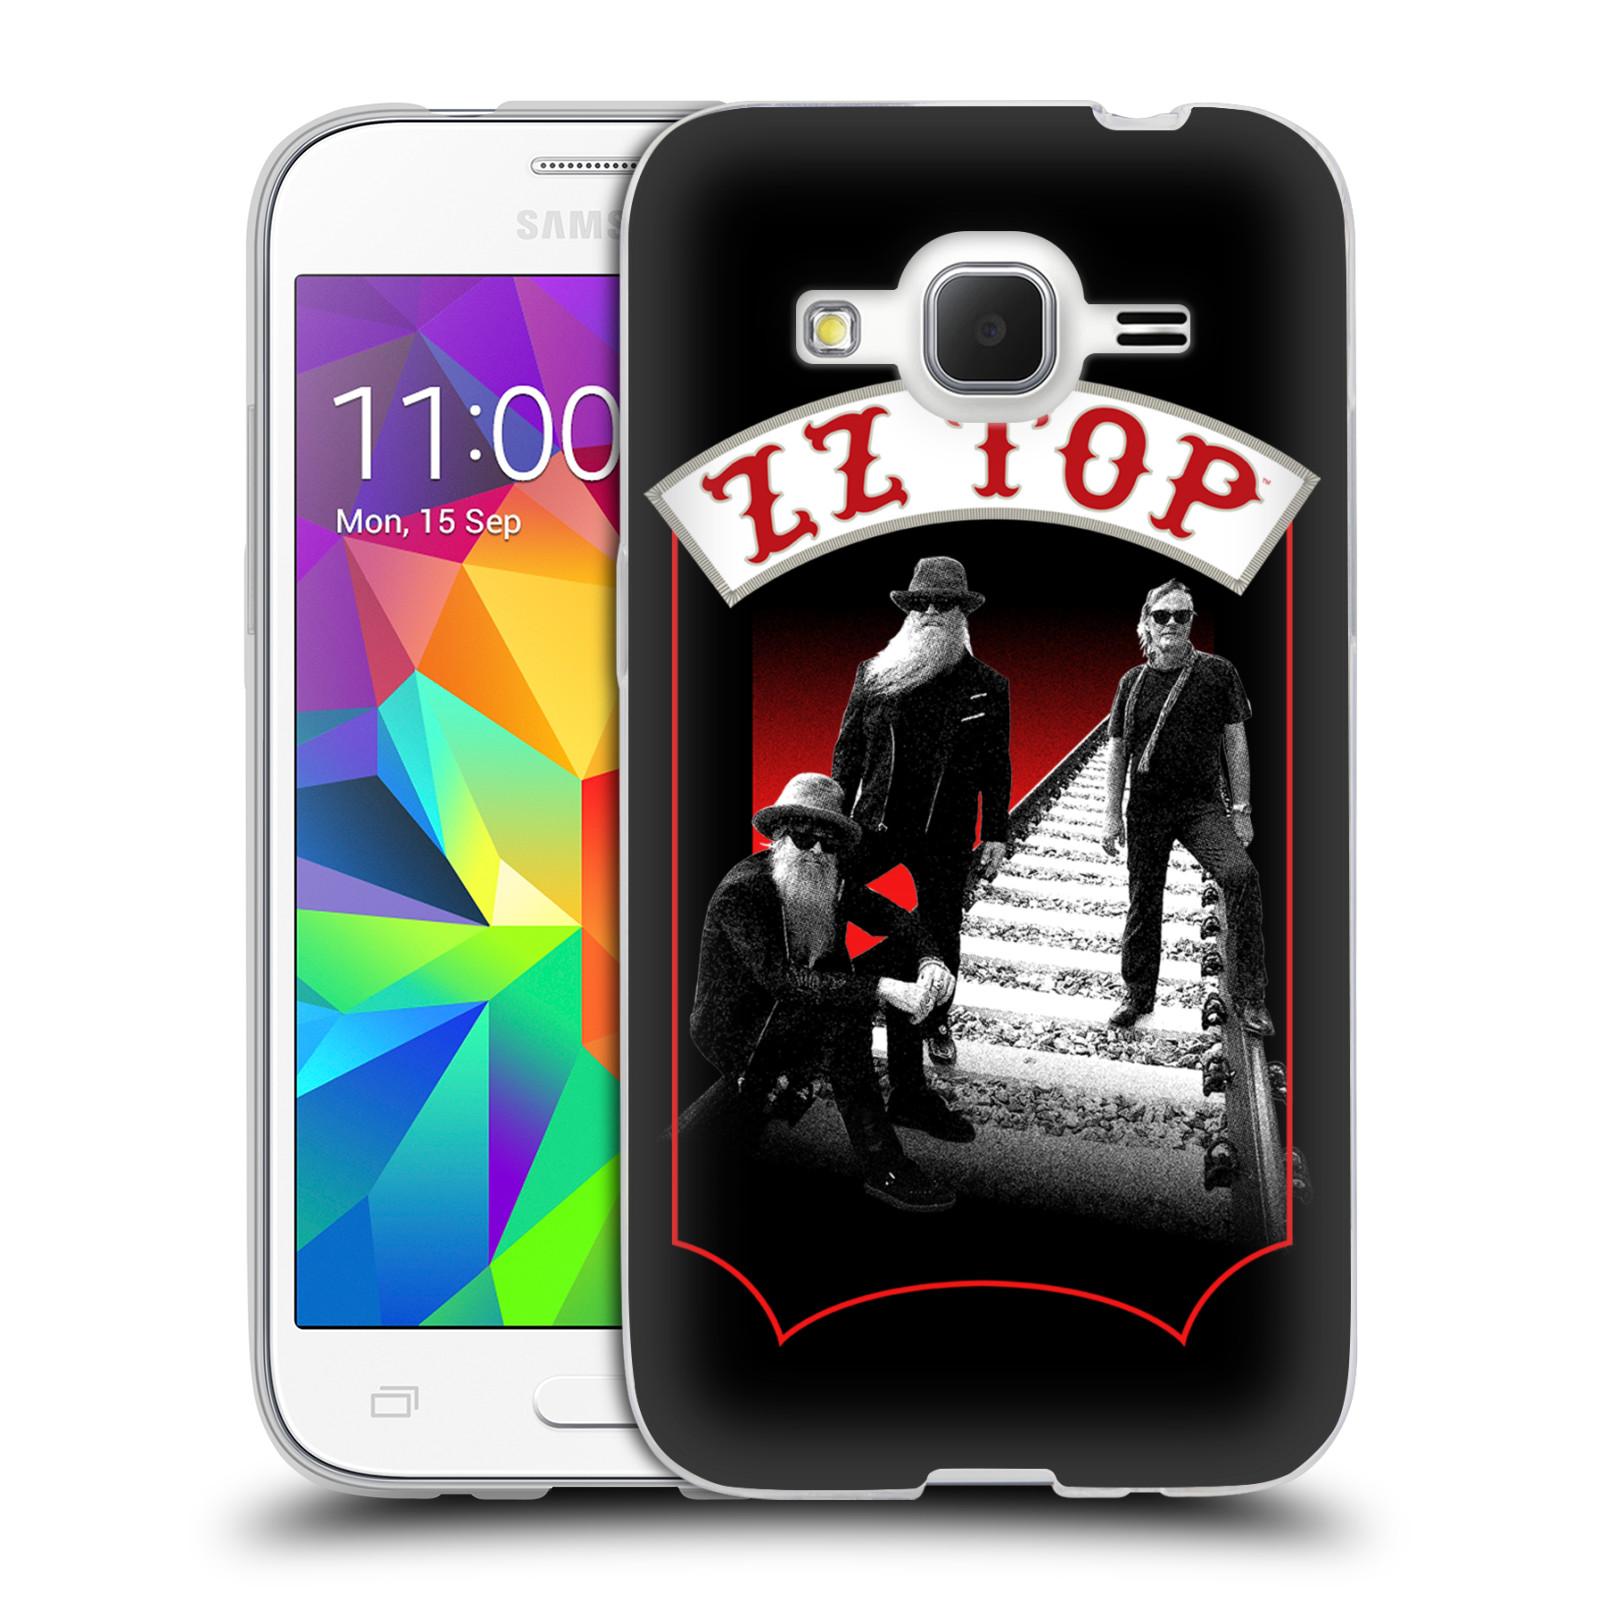 HEAD CASE silikonový obal na mobil Samsung Galaxy Core Prime (G360) ZZ Top koleje zpěváci